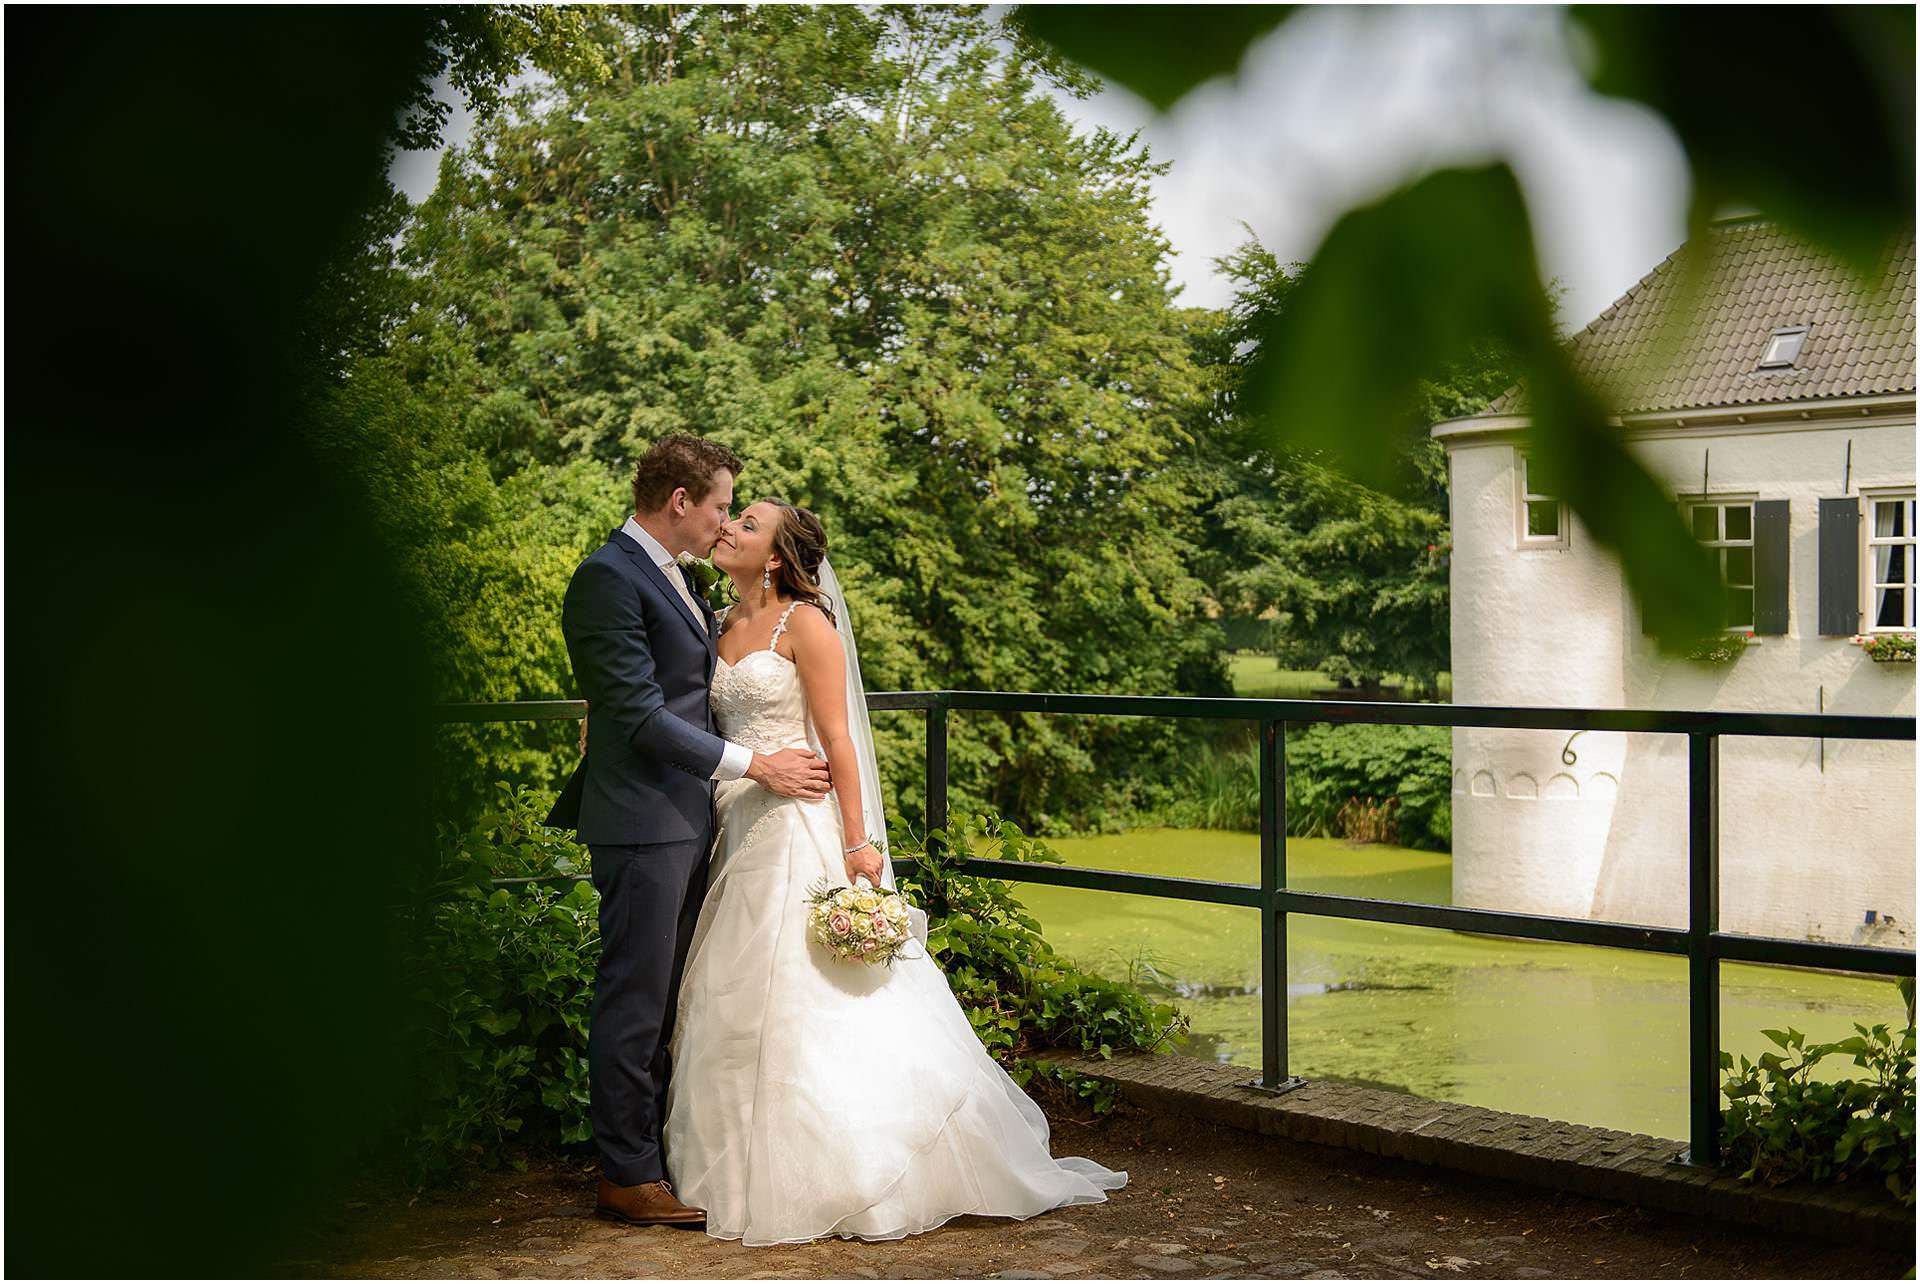 Bruidsfotografie Lithoijen (Oss) trouwen in eigen tuin door bruidsfotograaf Sandy Peters_0025.jpg